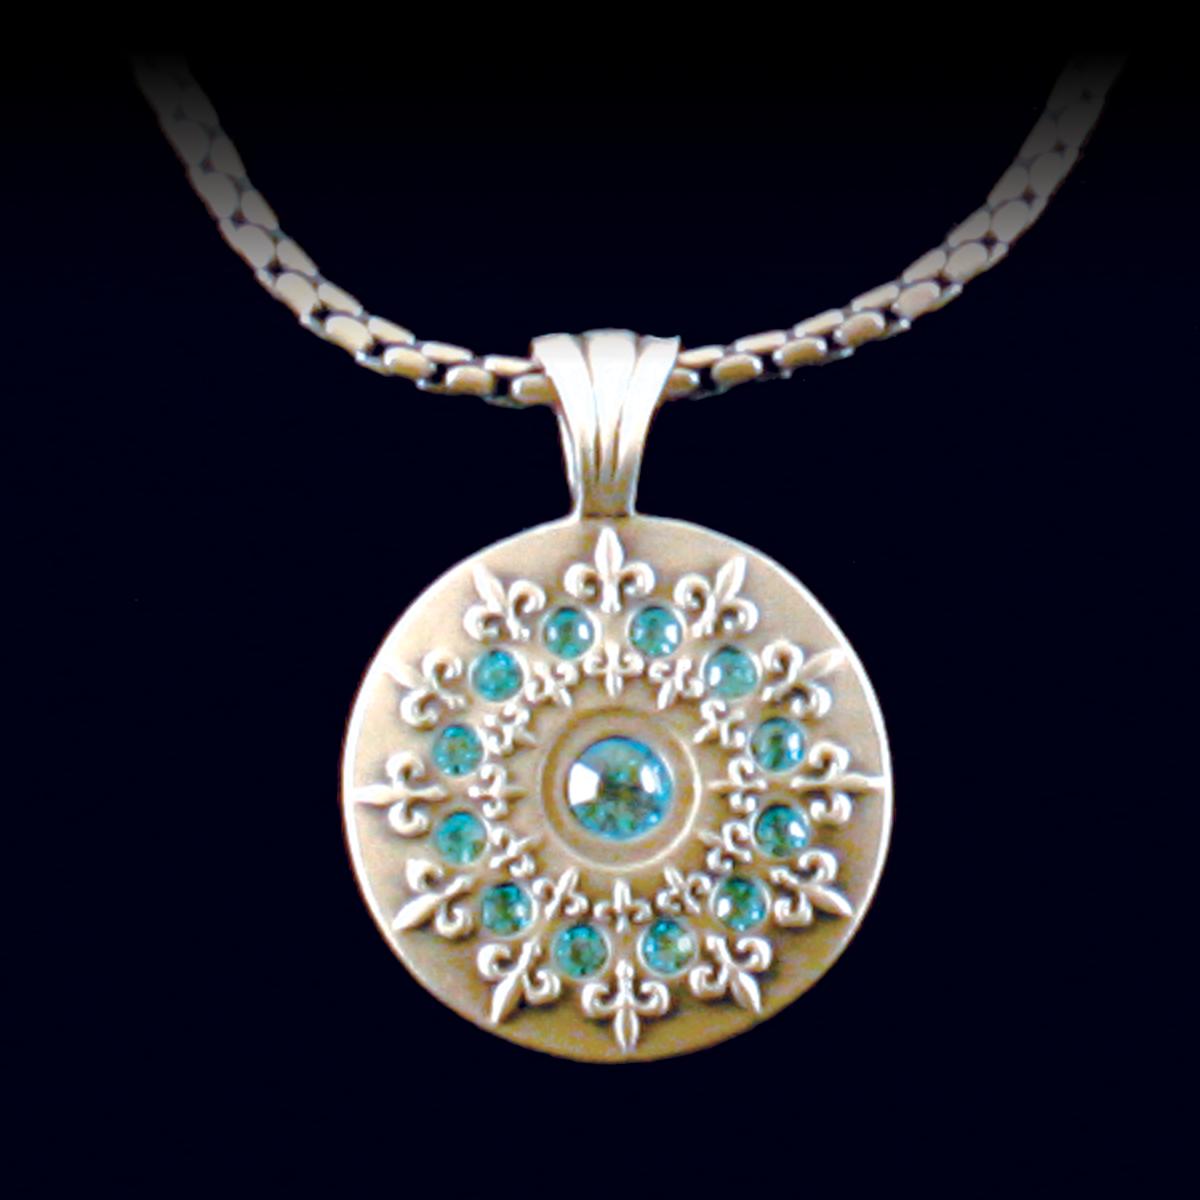 Bico Tribal Jewelry  - French Lily, $49.95 (http://www.bicotribaljewelry.com/products/french-lily.html)